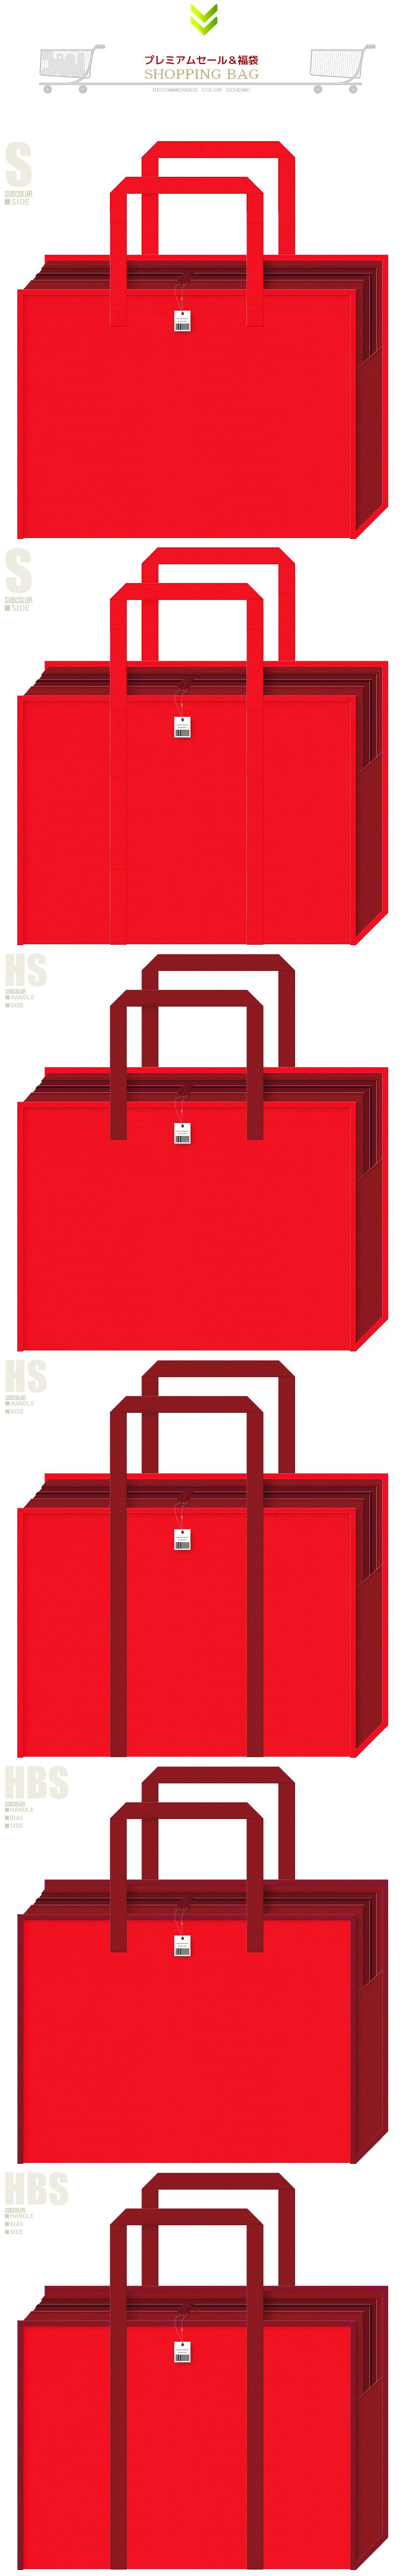 赤色とエンジ色の不織布バッグデザイン(ファスナー付き):クリスマスセール・福袋にお奨め